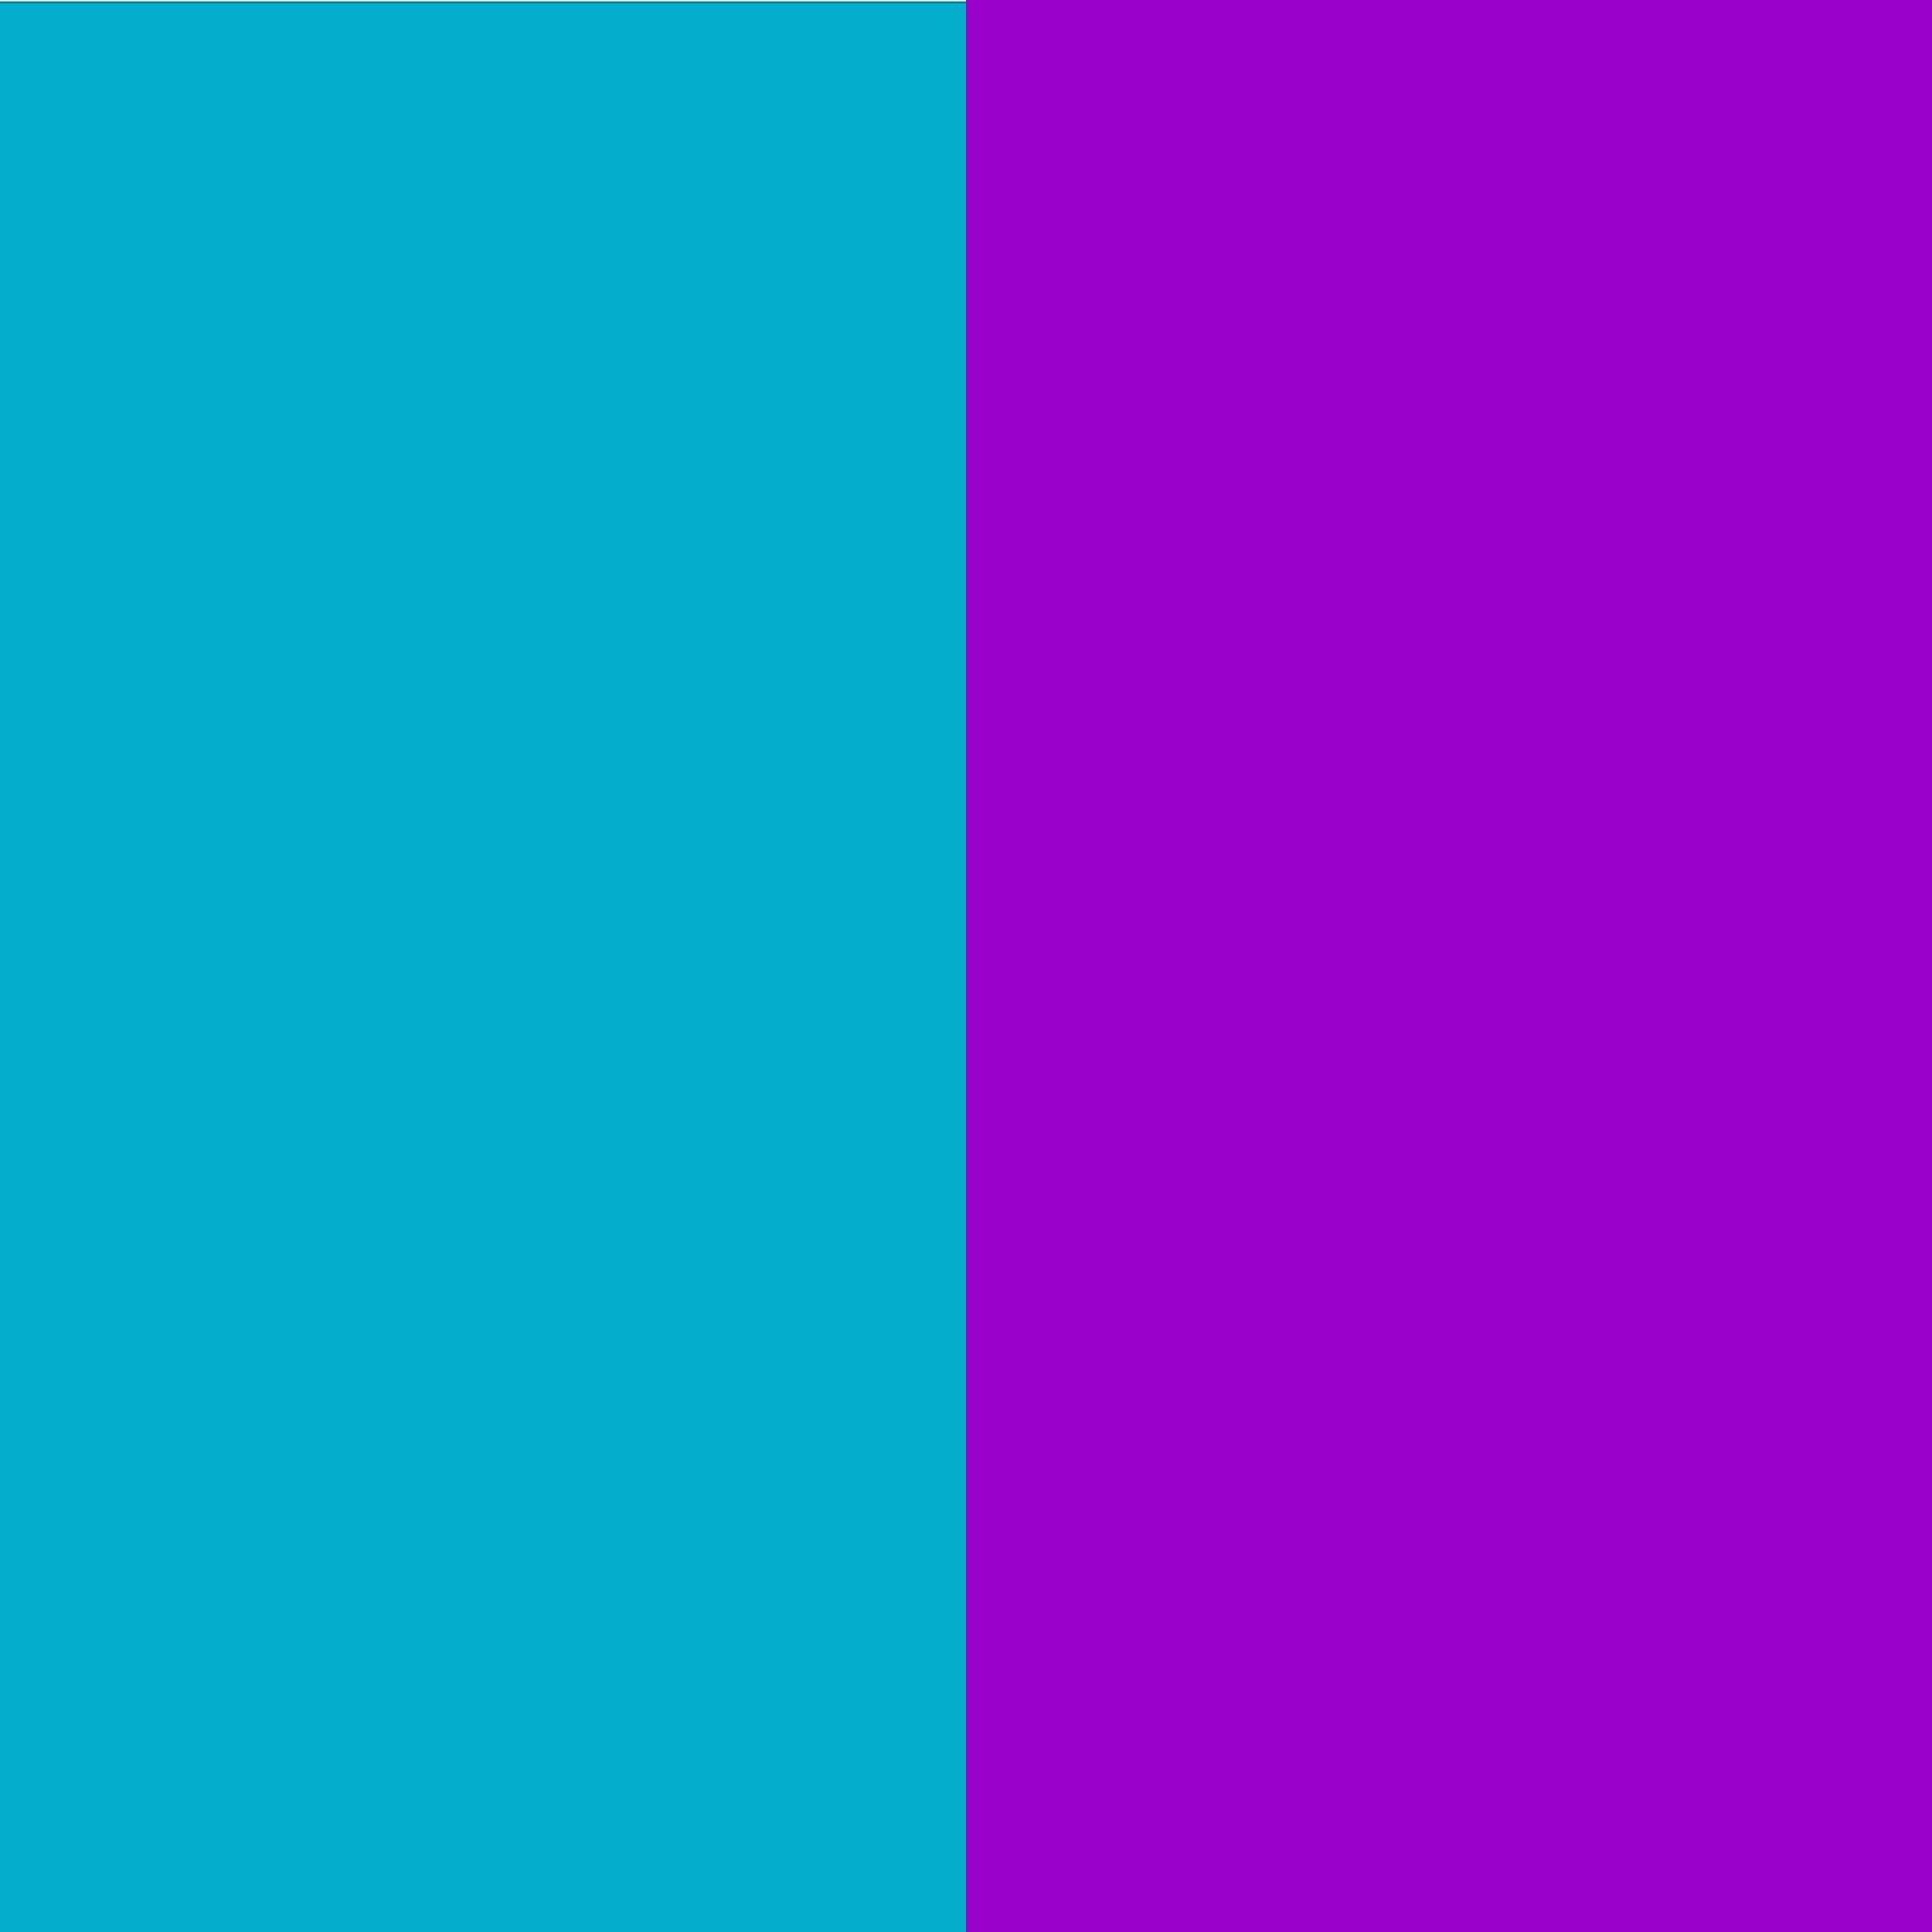 好きな色の組み合わせ